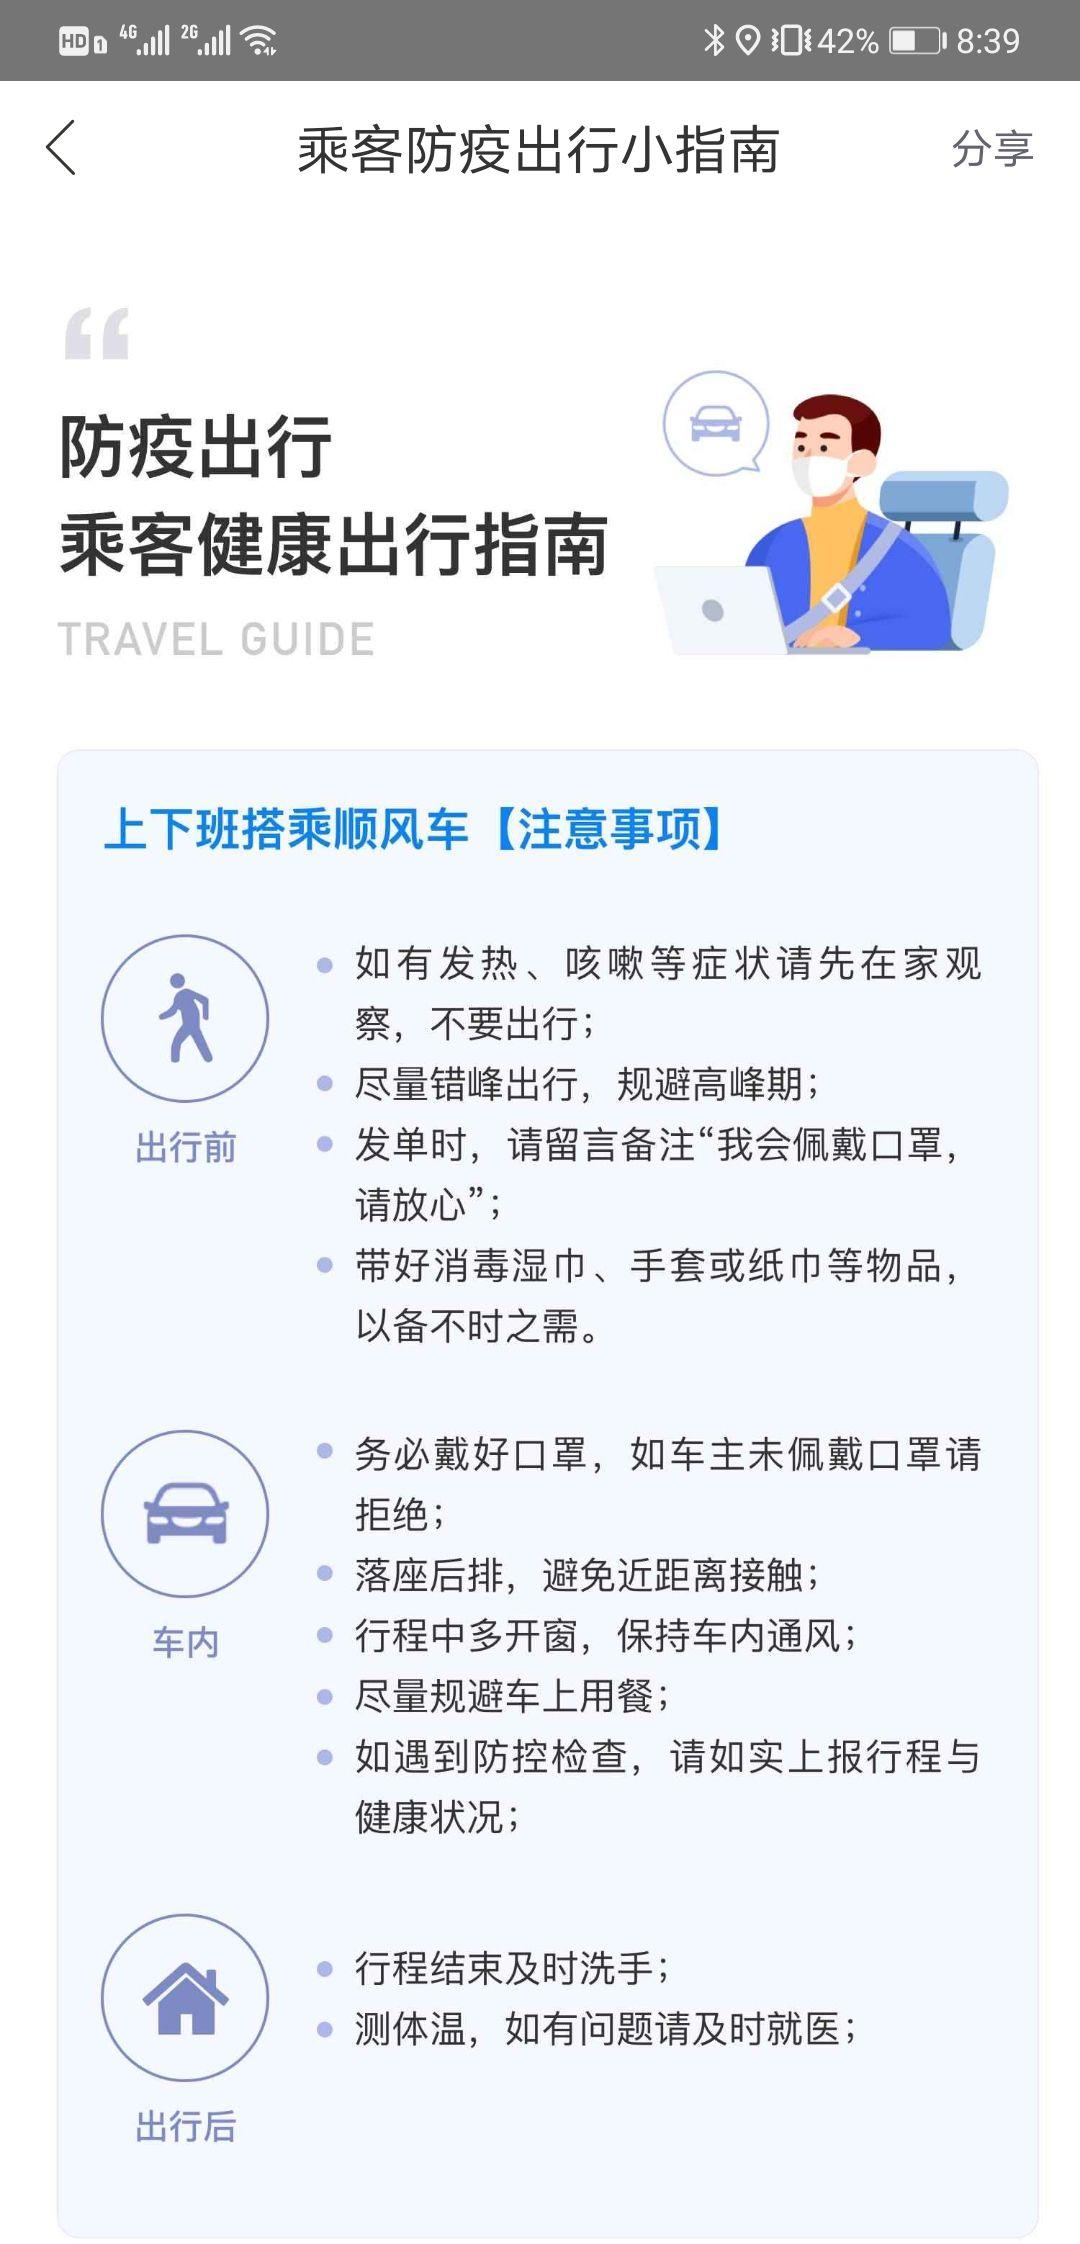 哈啰出行推出5000万元春节专项补贴 鼓励顺风车司机做好防疫消杀